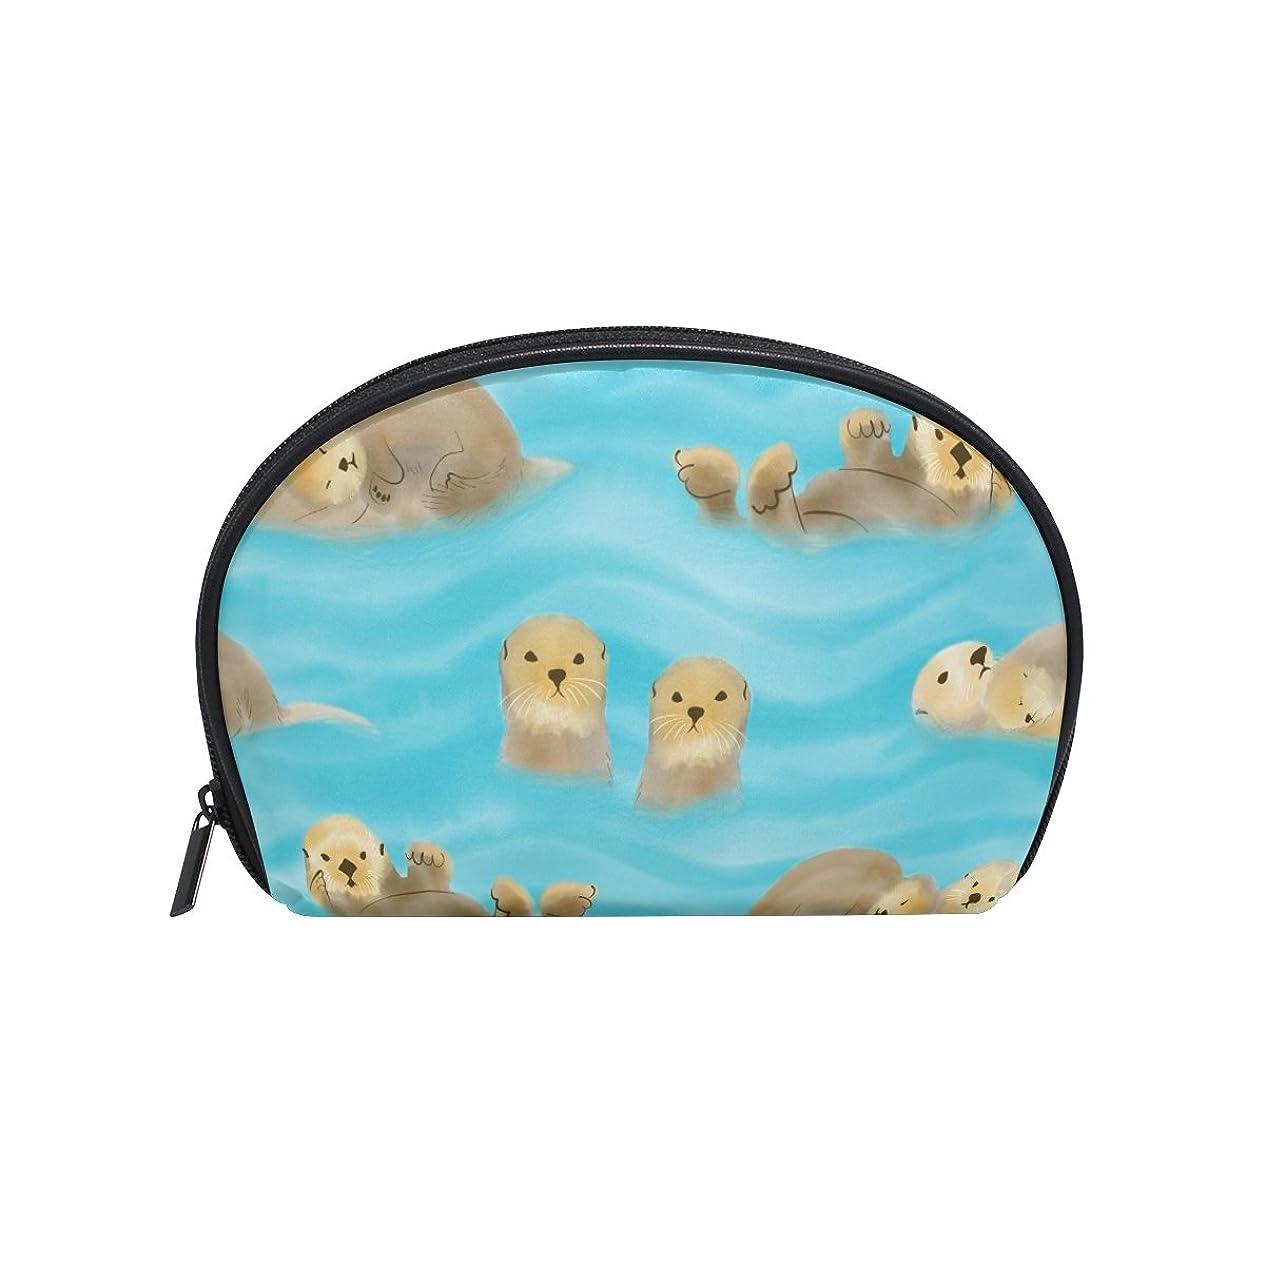 輝度失態中世のALAZA ラッコ 半月 化粧品 メイク トイレタリーバッグ ポーチ 旅行ハンディ財布オーガナイザーバッグ